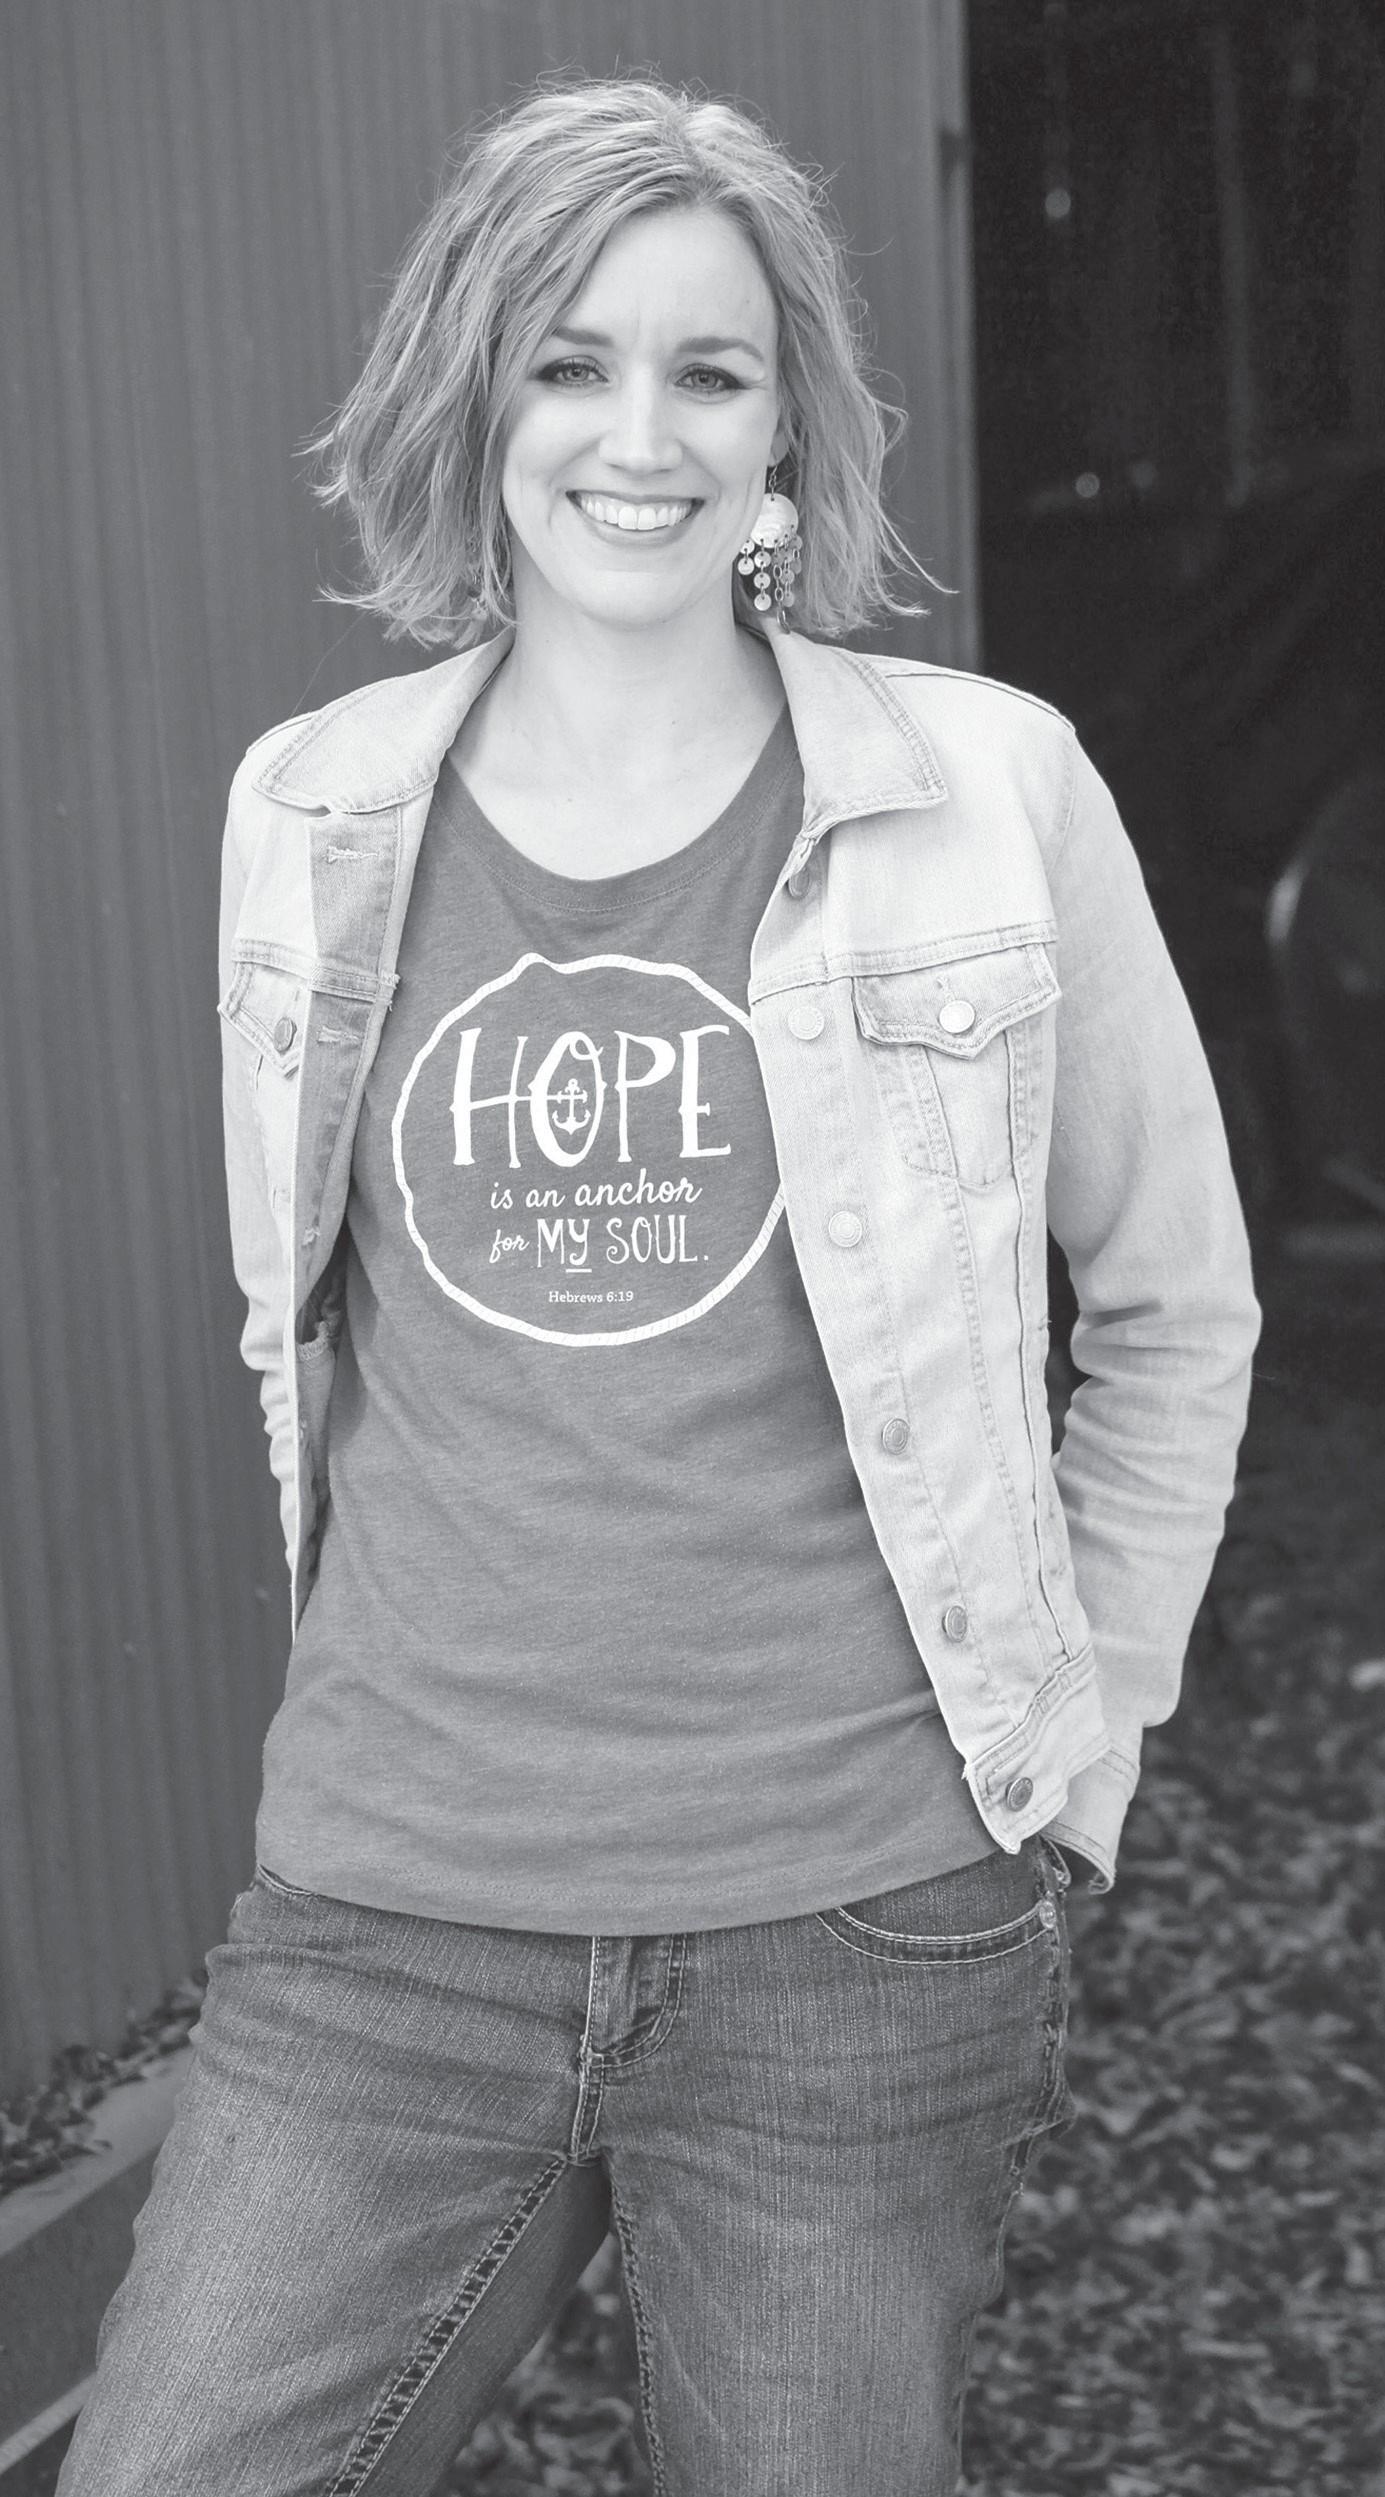 Heart Work Tees founder, Sarah Keeling